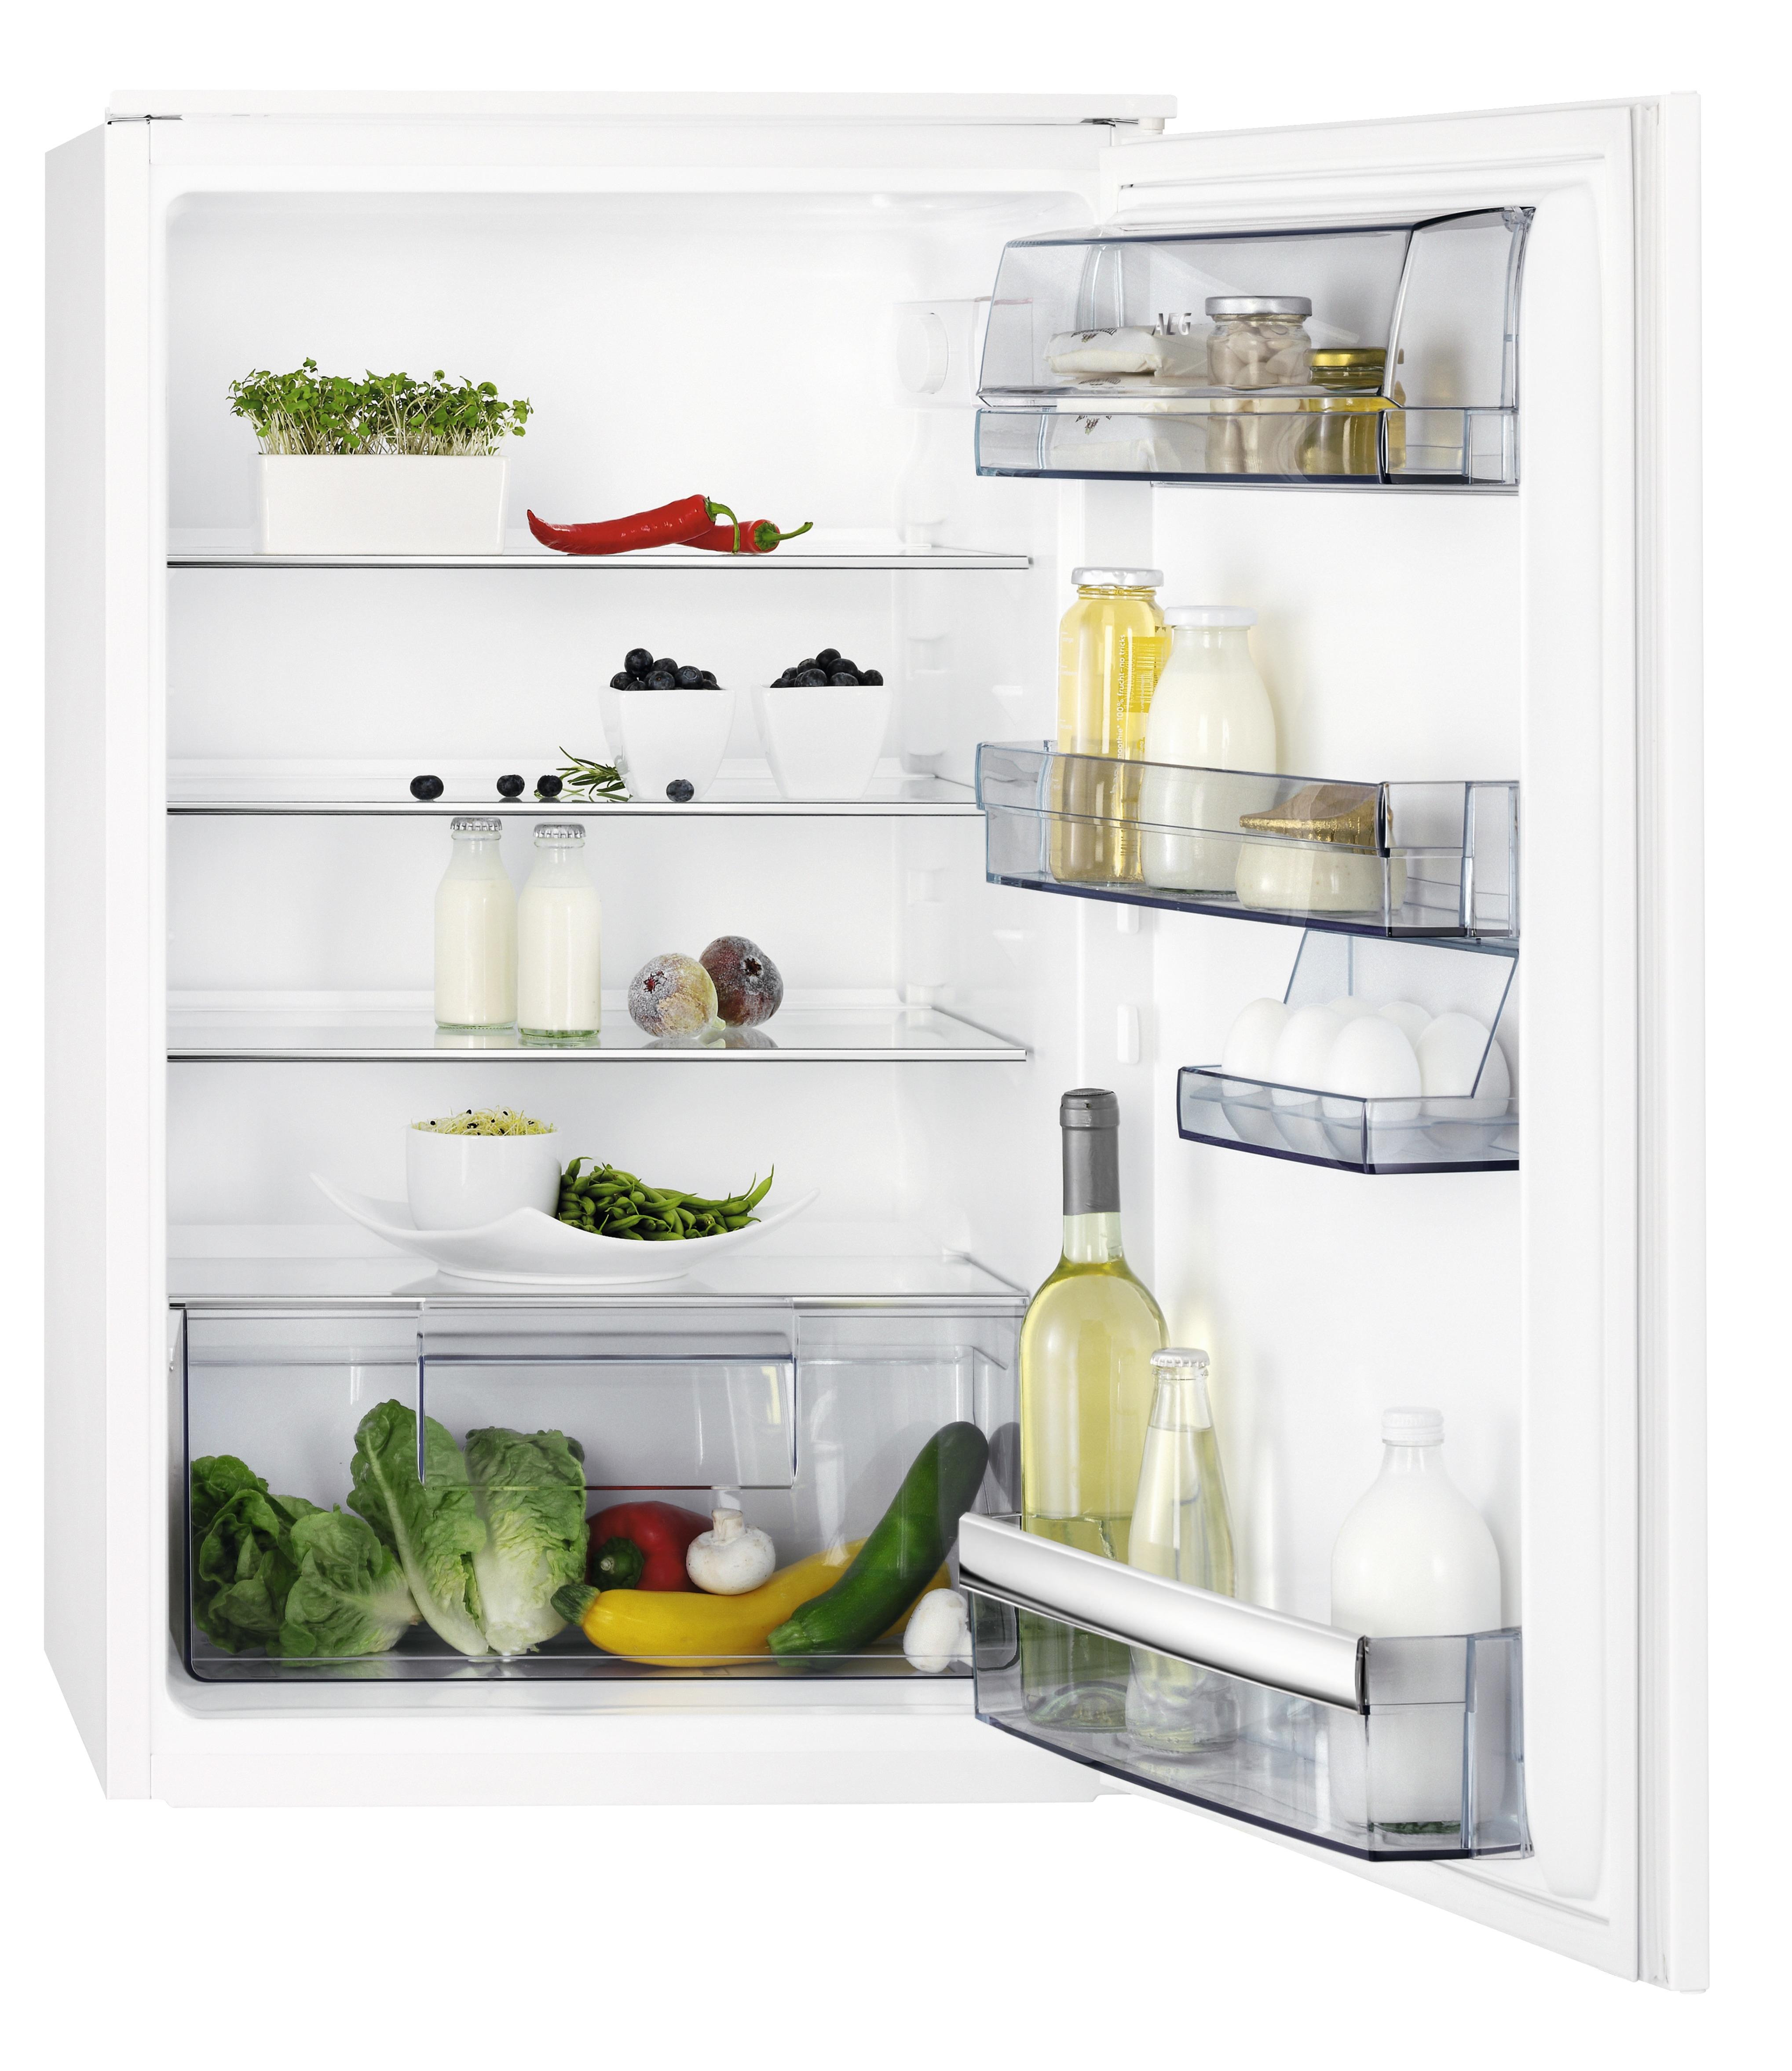 AEG SD880S2 Inbouw koelkast